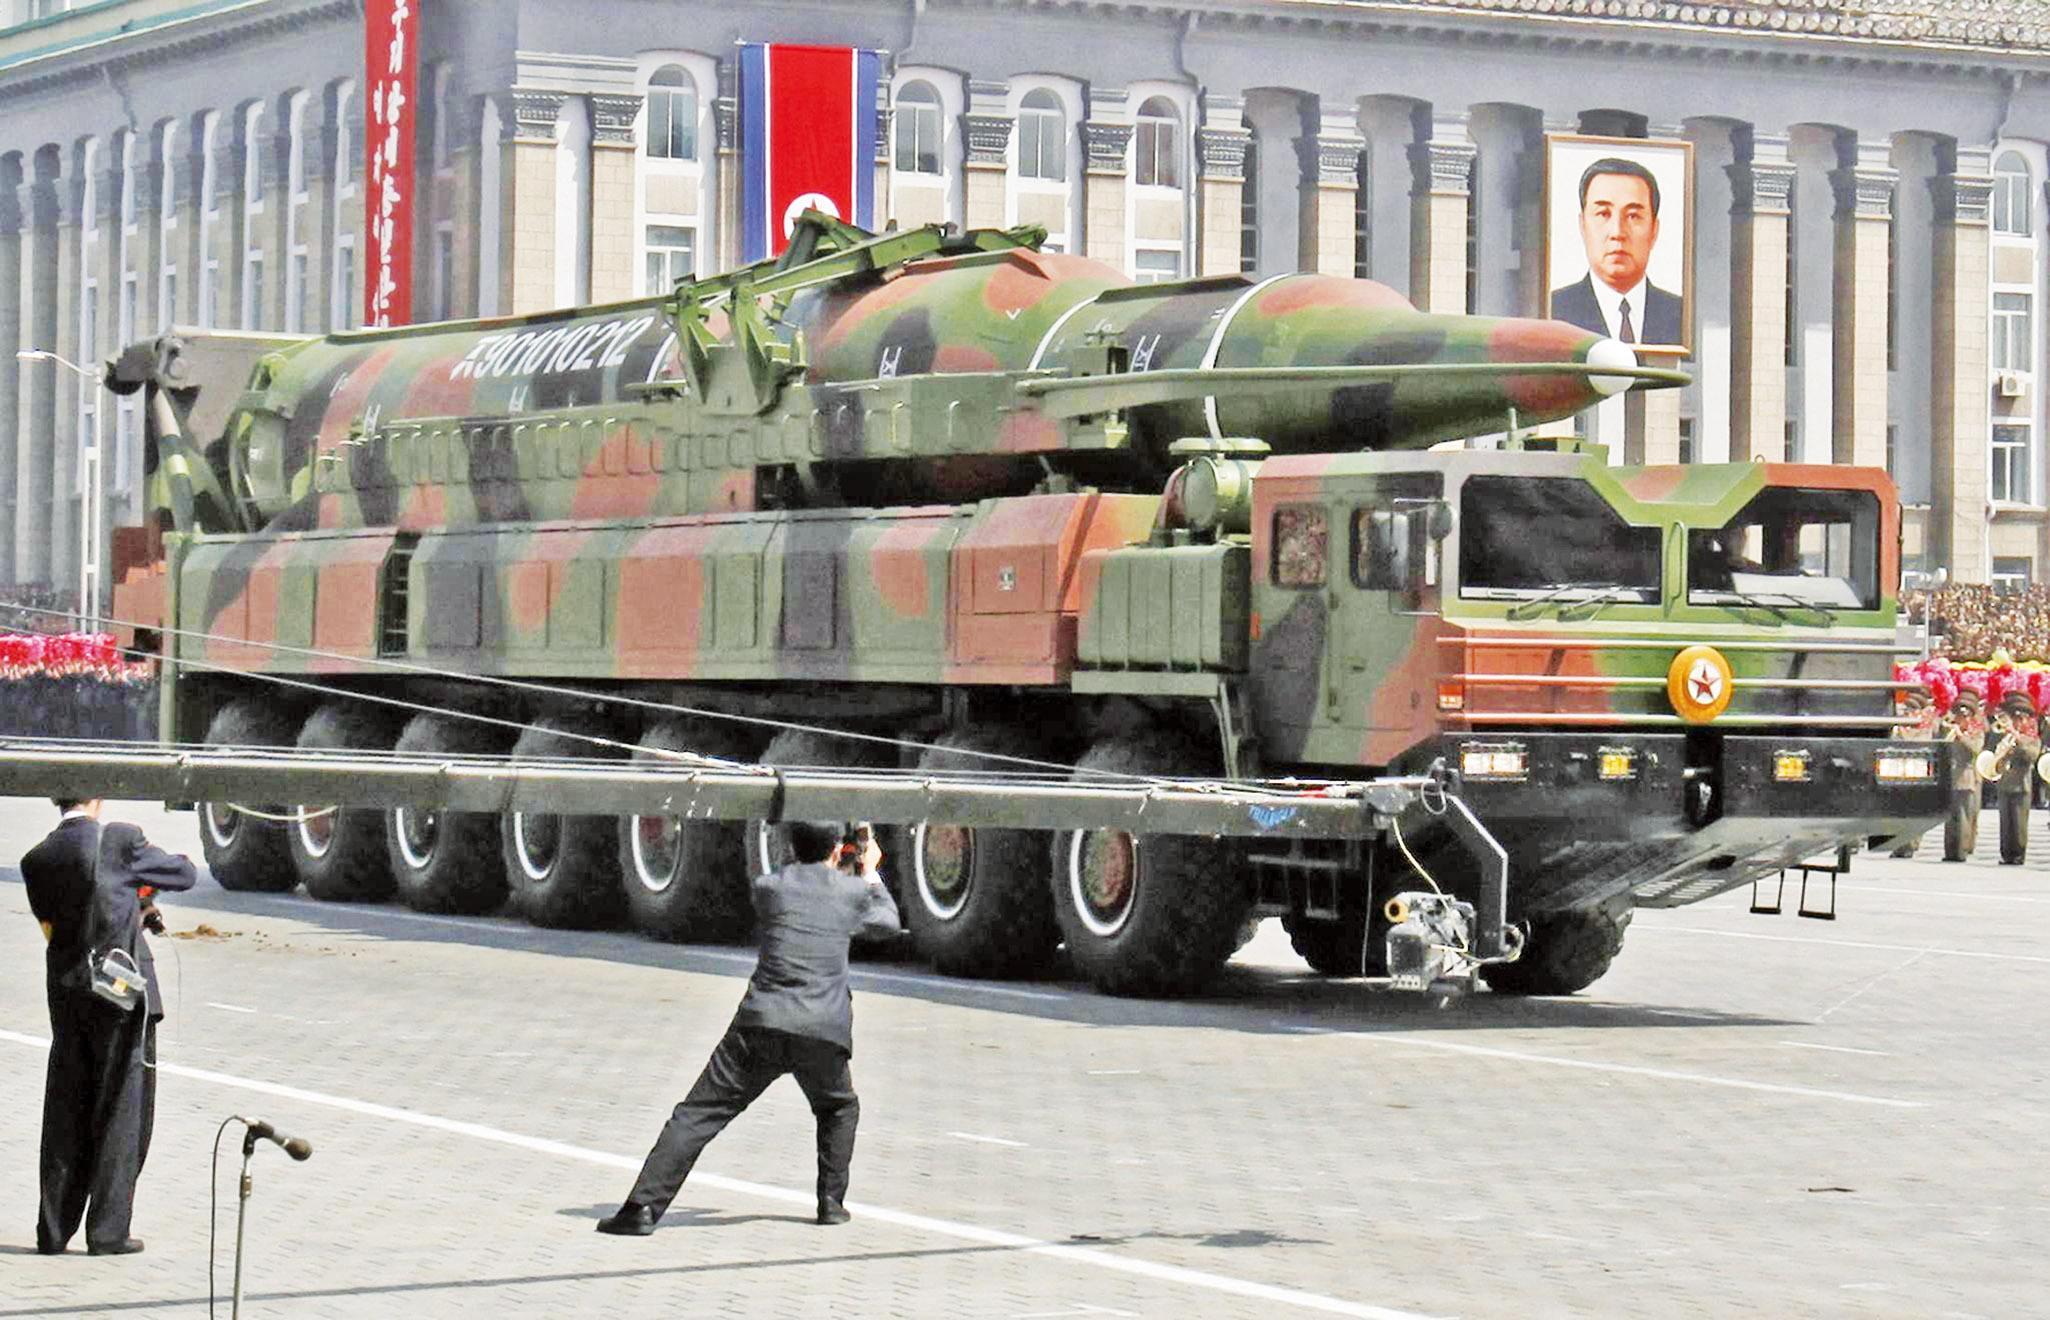 朝鮮想擊沉美國航母靠譜嗎?被指不會主動動手